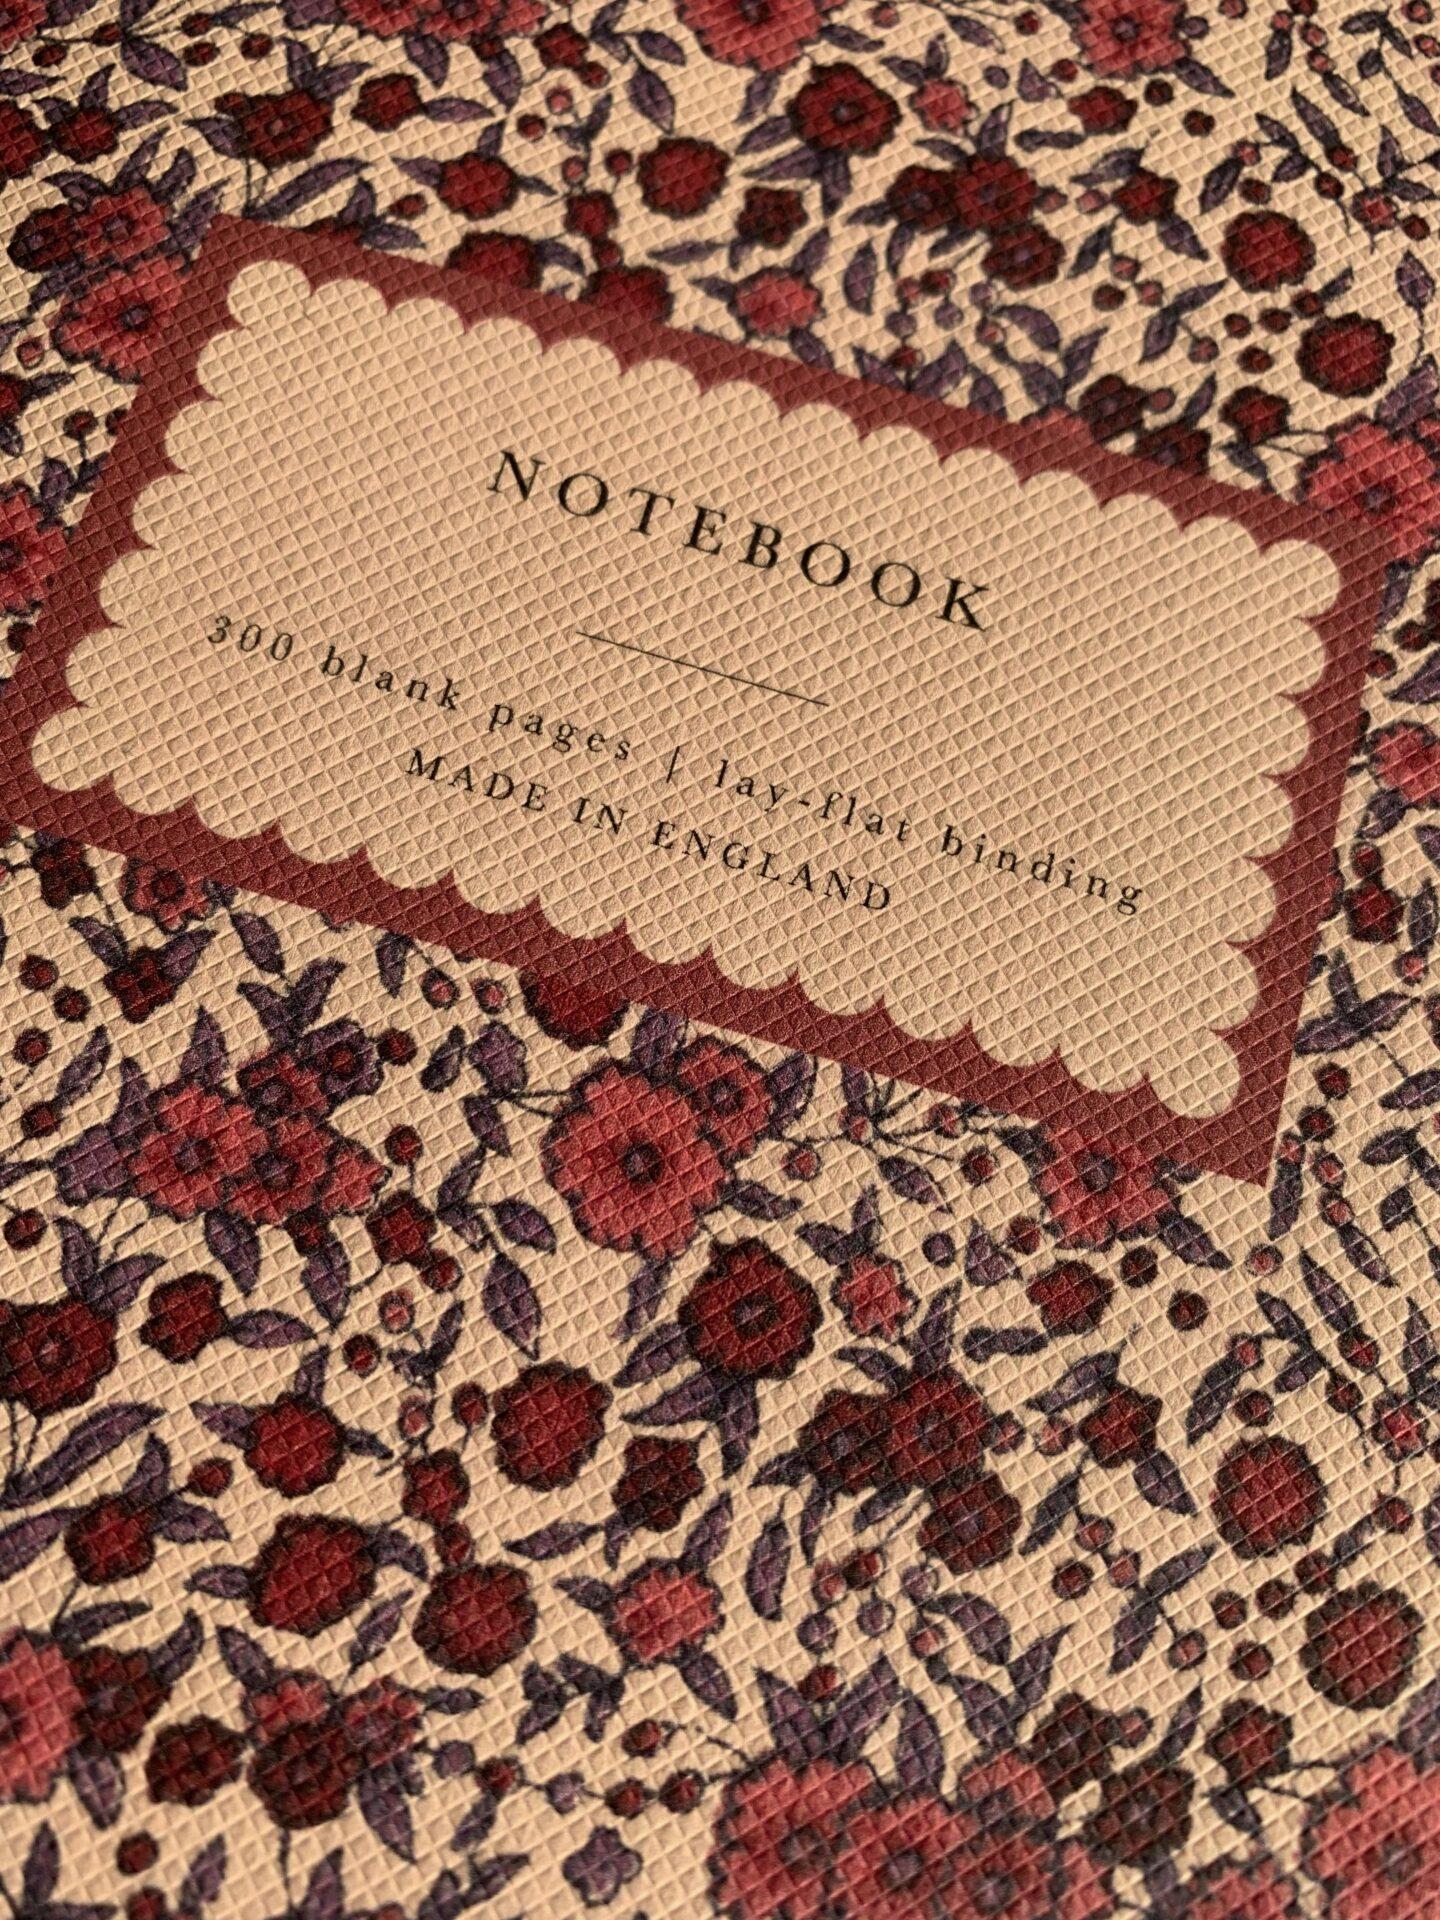 Notatnik Katie Leamon z serii Heirloom - zbliżenie na okładkę